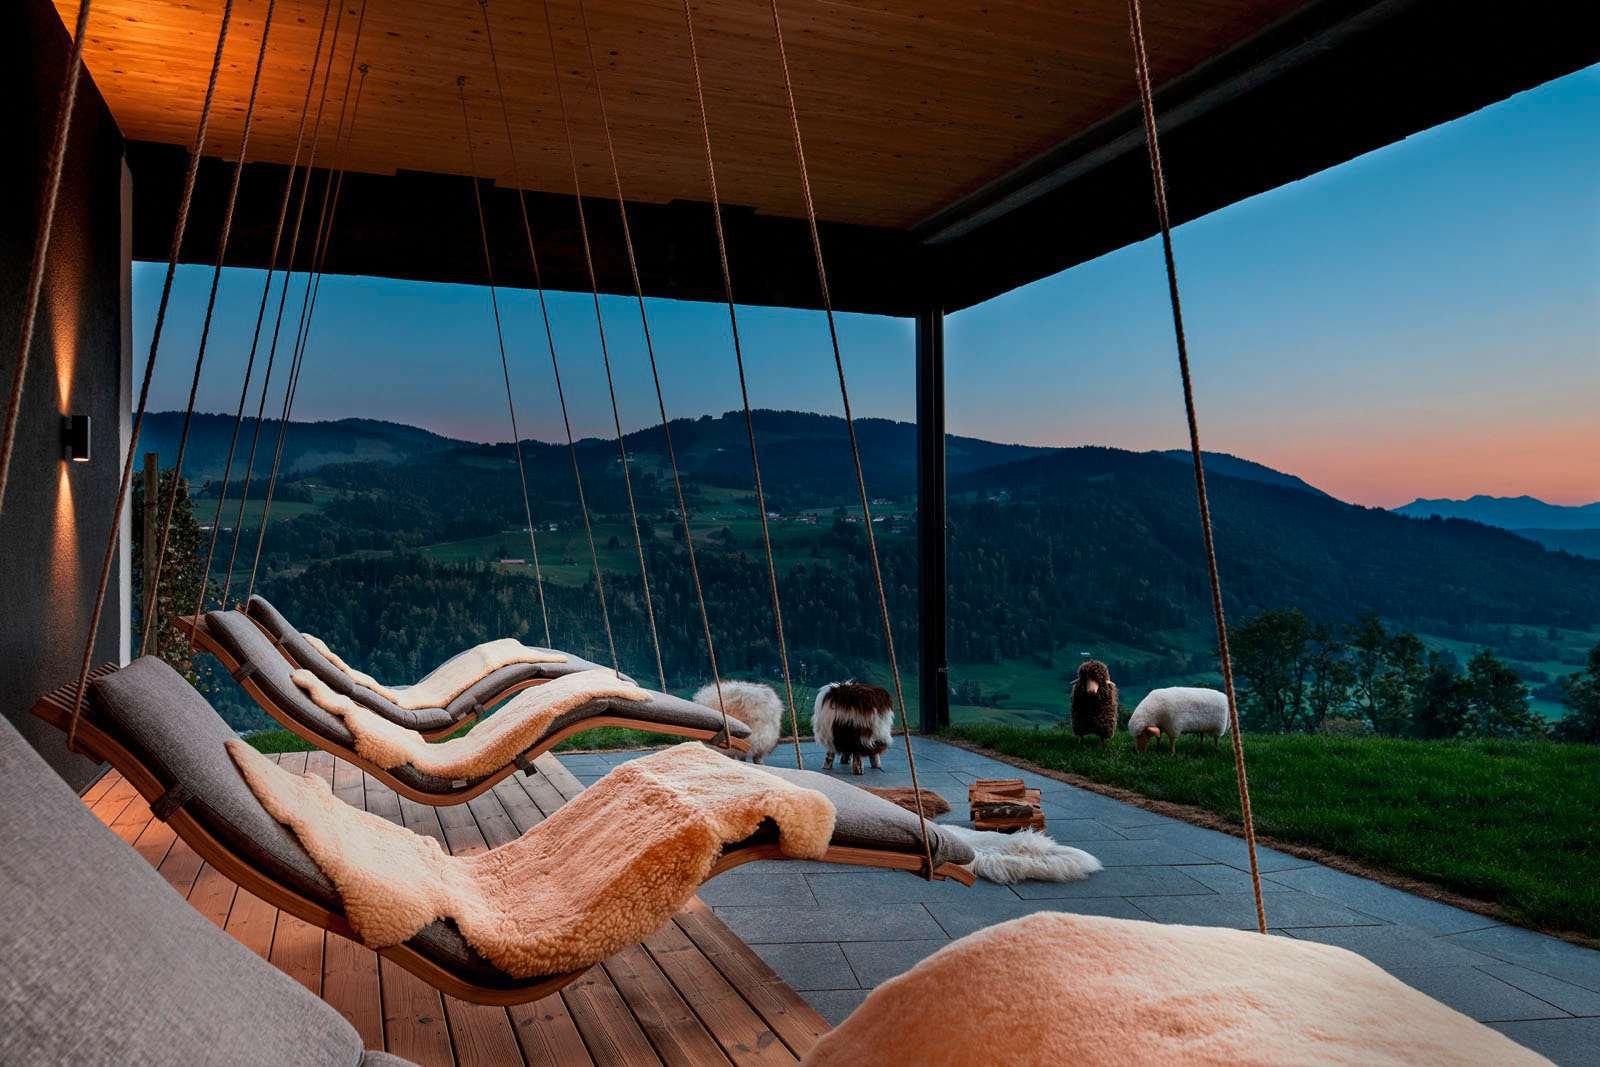 Loungesessel mit Ausblick auf die Bergketten der Umgebung.